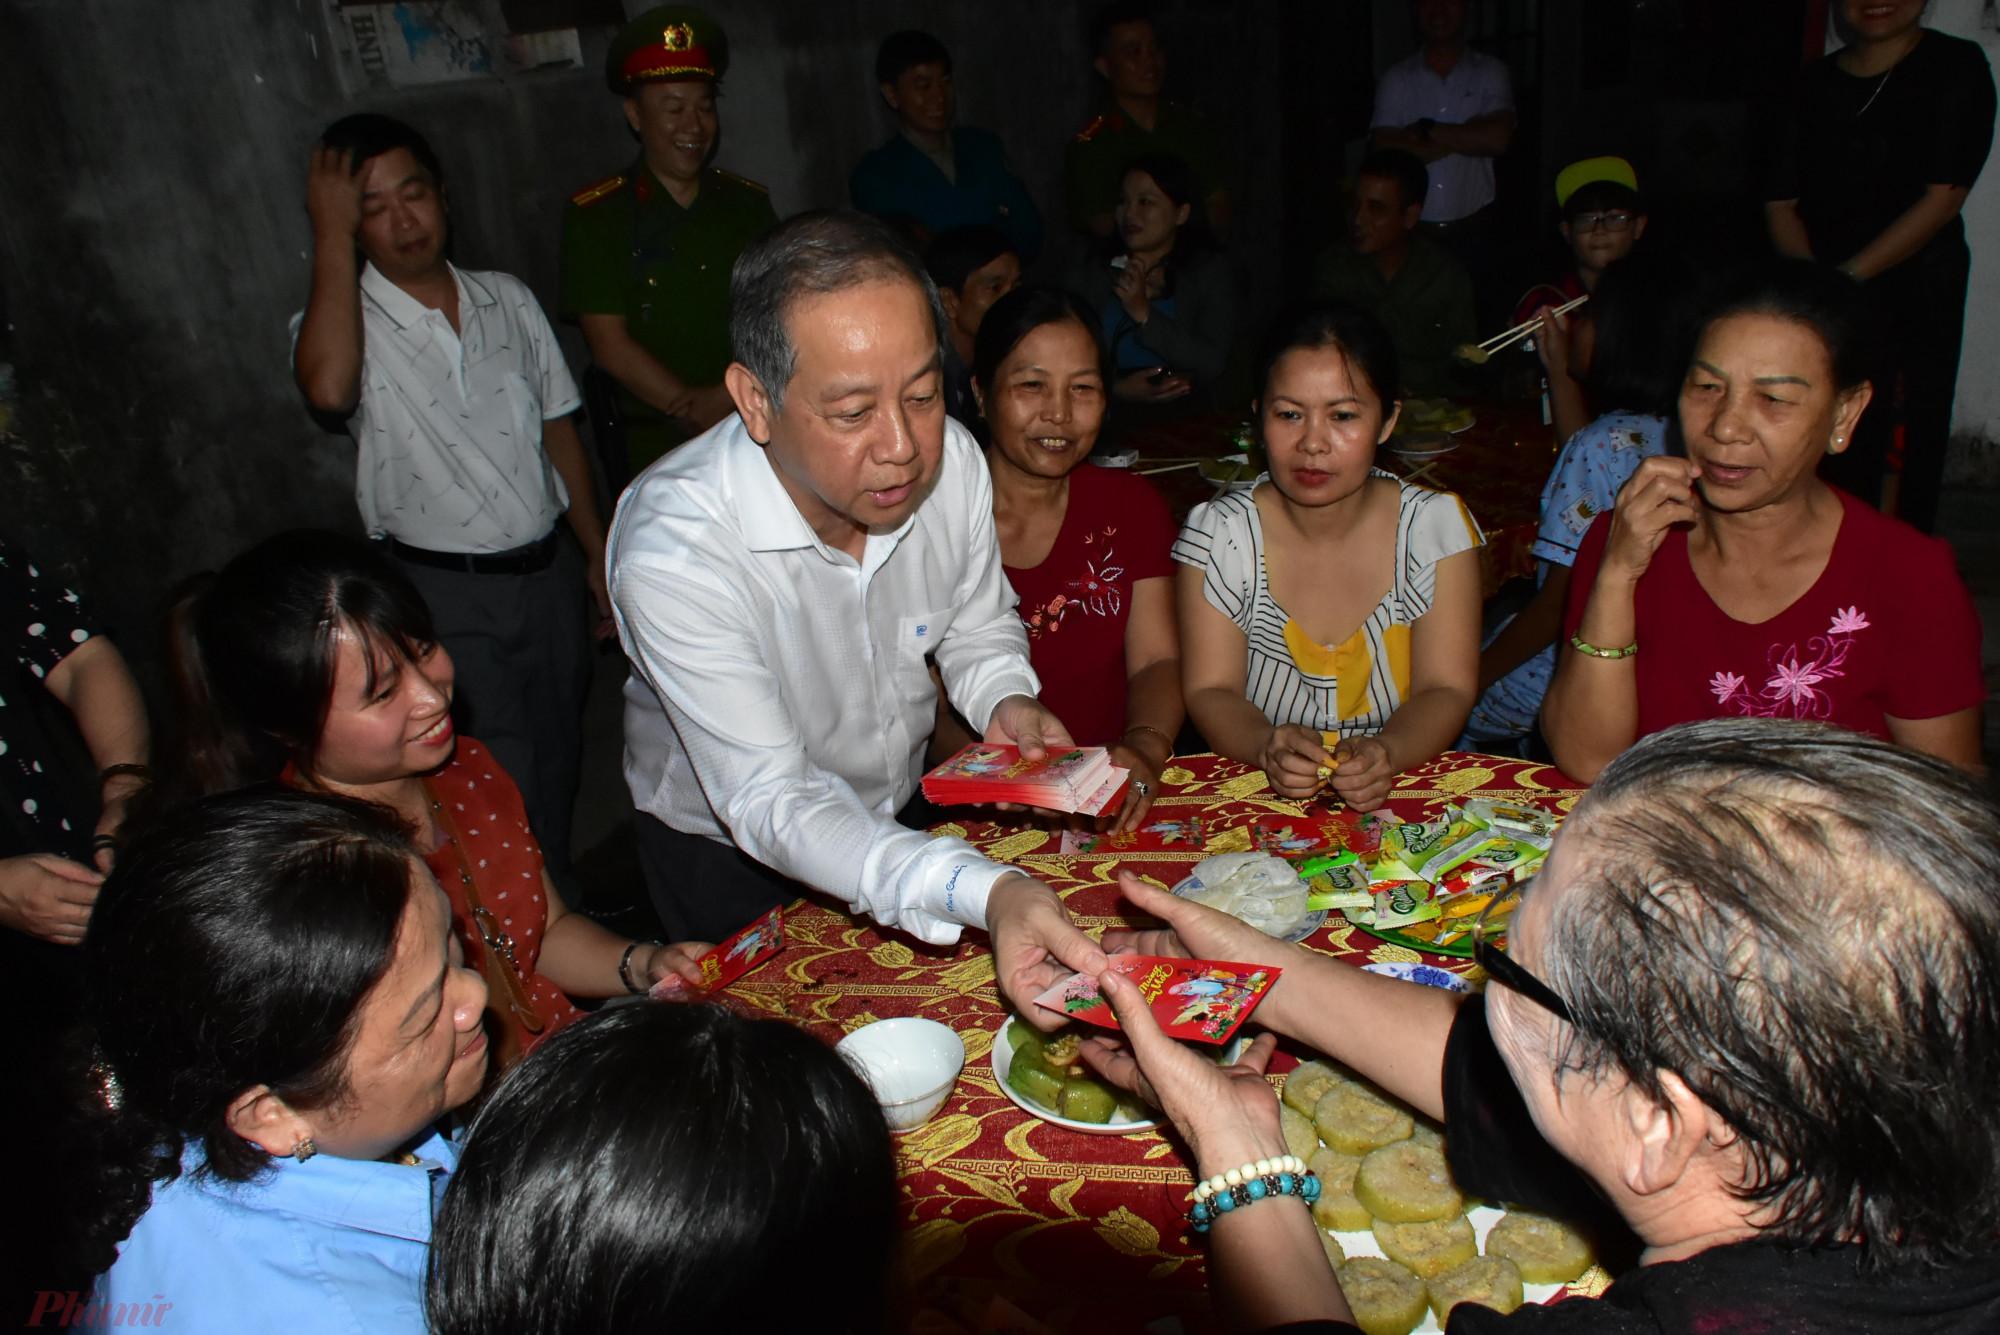 Ông Phan Ngọc Thọ - Chủ tịch UBND tỉnh Thừa Thiên Huế cùng đón giao thừa cùng cư dân Thượng Thành. Đây là giao thừa cuối cùng của bà con ở nơi này